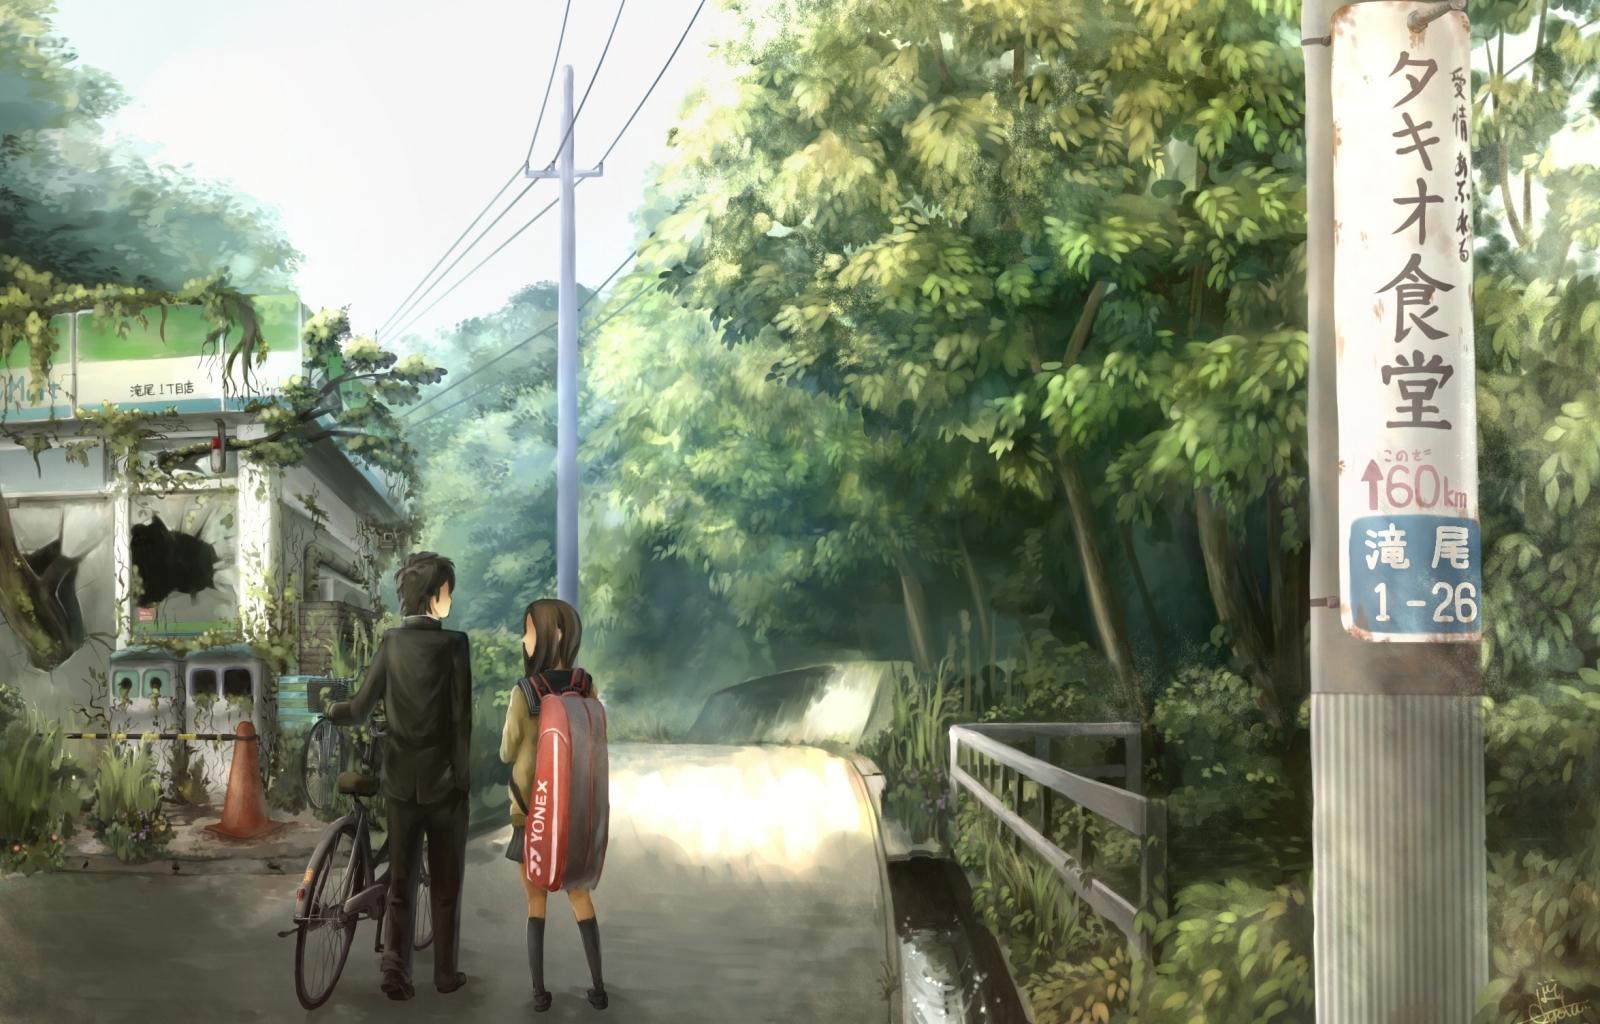 28543 papel de parede 240x320 em seu telefone gratuitamente, baixe imagens Anime, Crianças 240x320 em seu celular